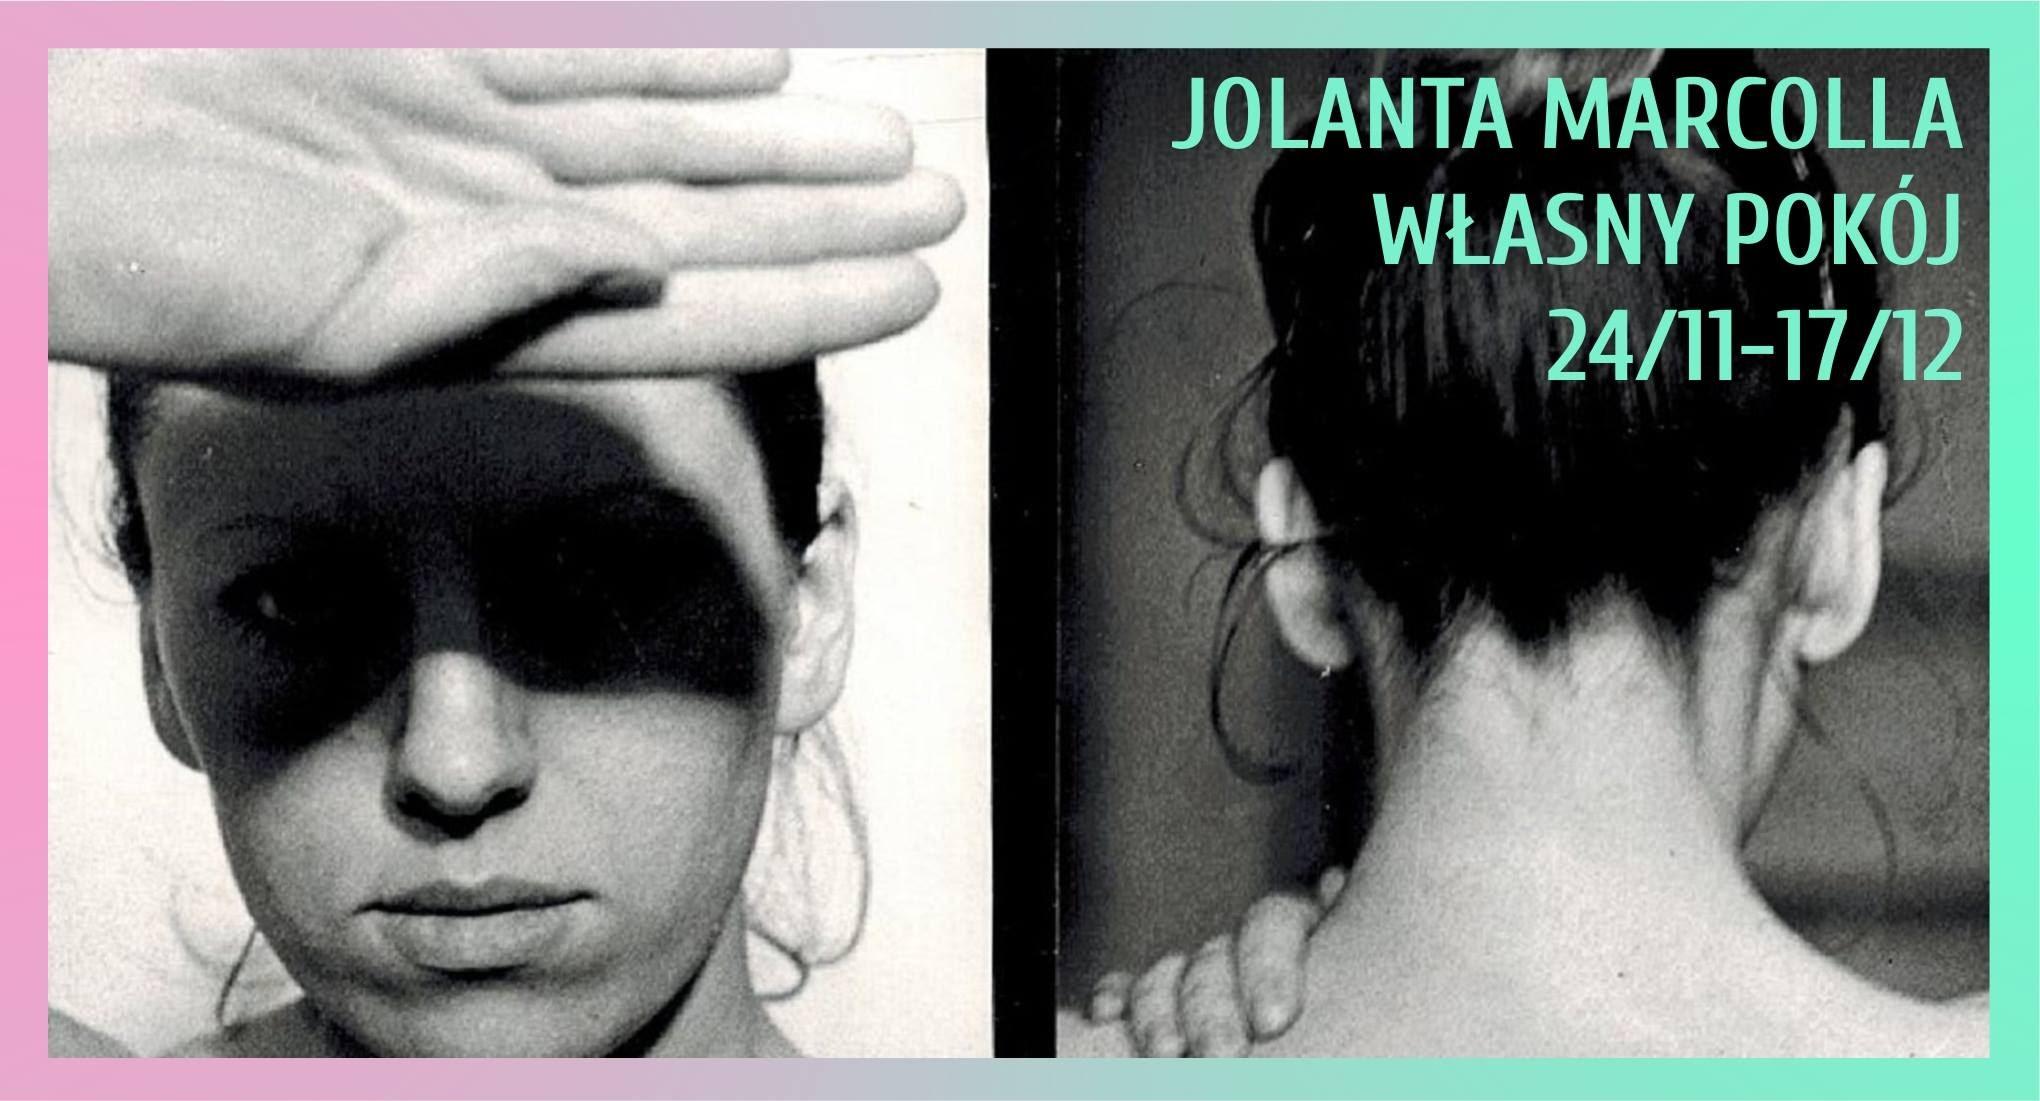 """Jolanta Marcolla, """"Własny pokój"""" (źródło: materiały prasowe organizatora)"""